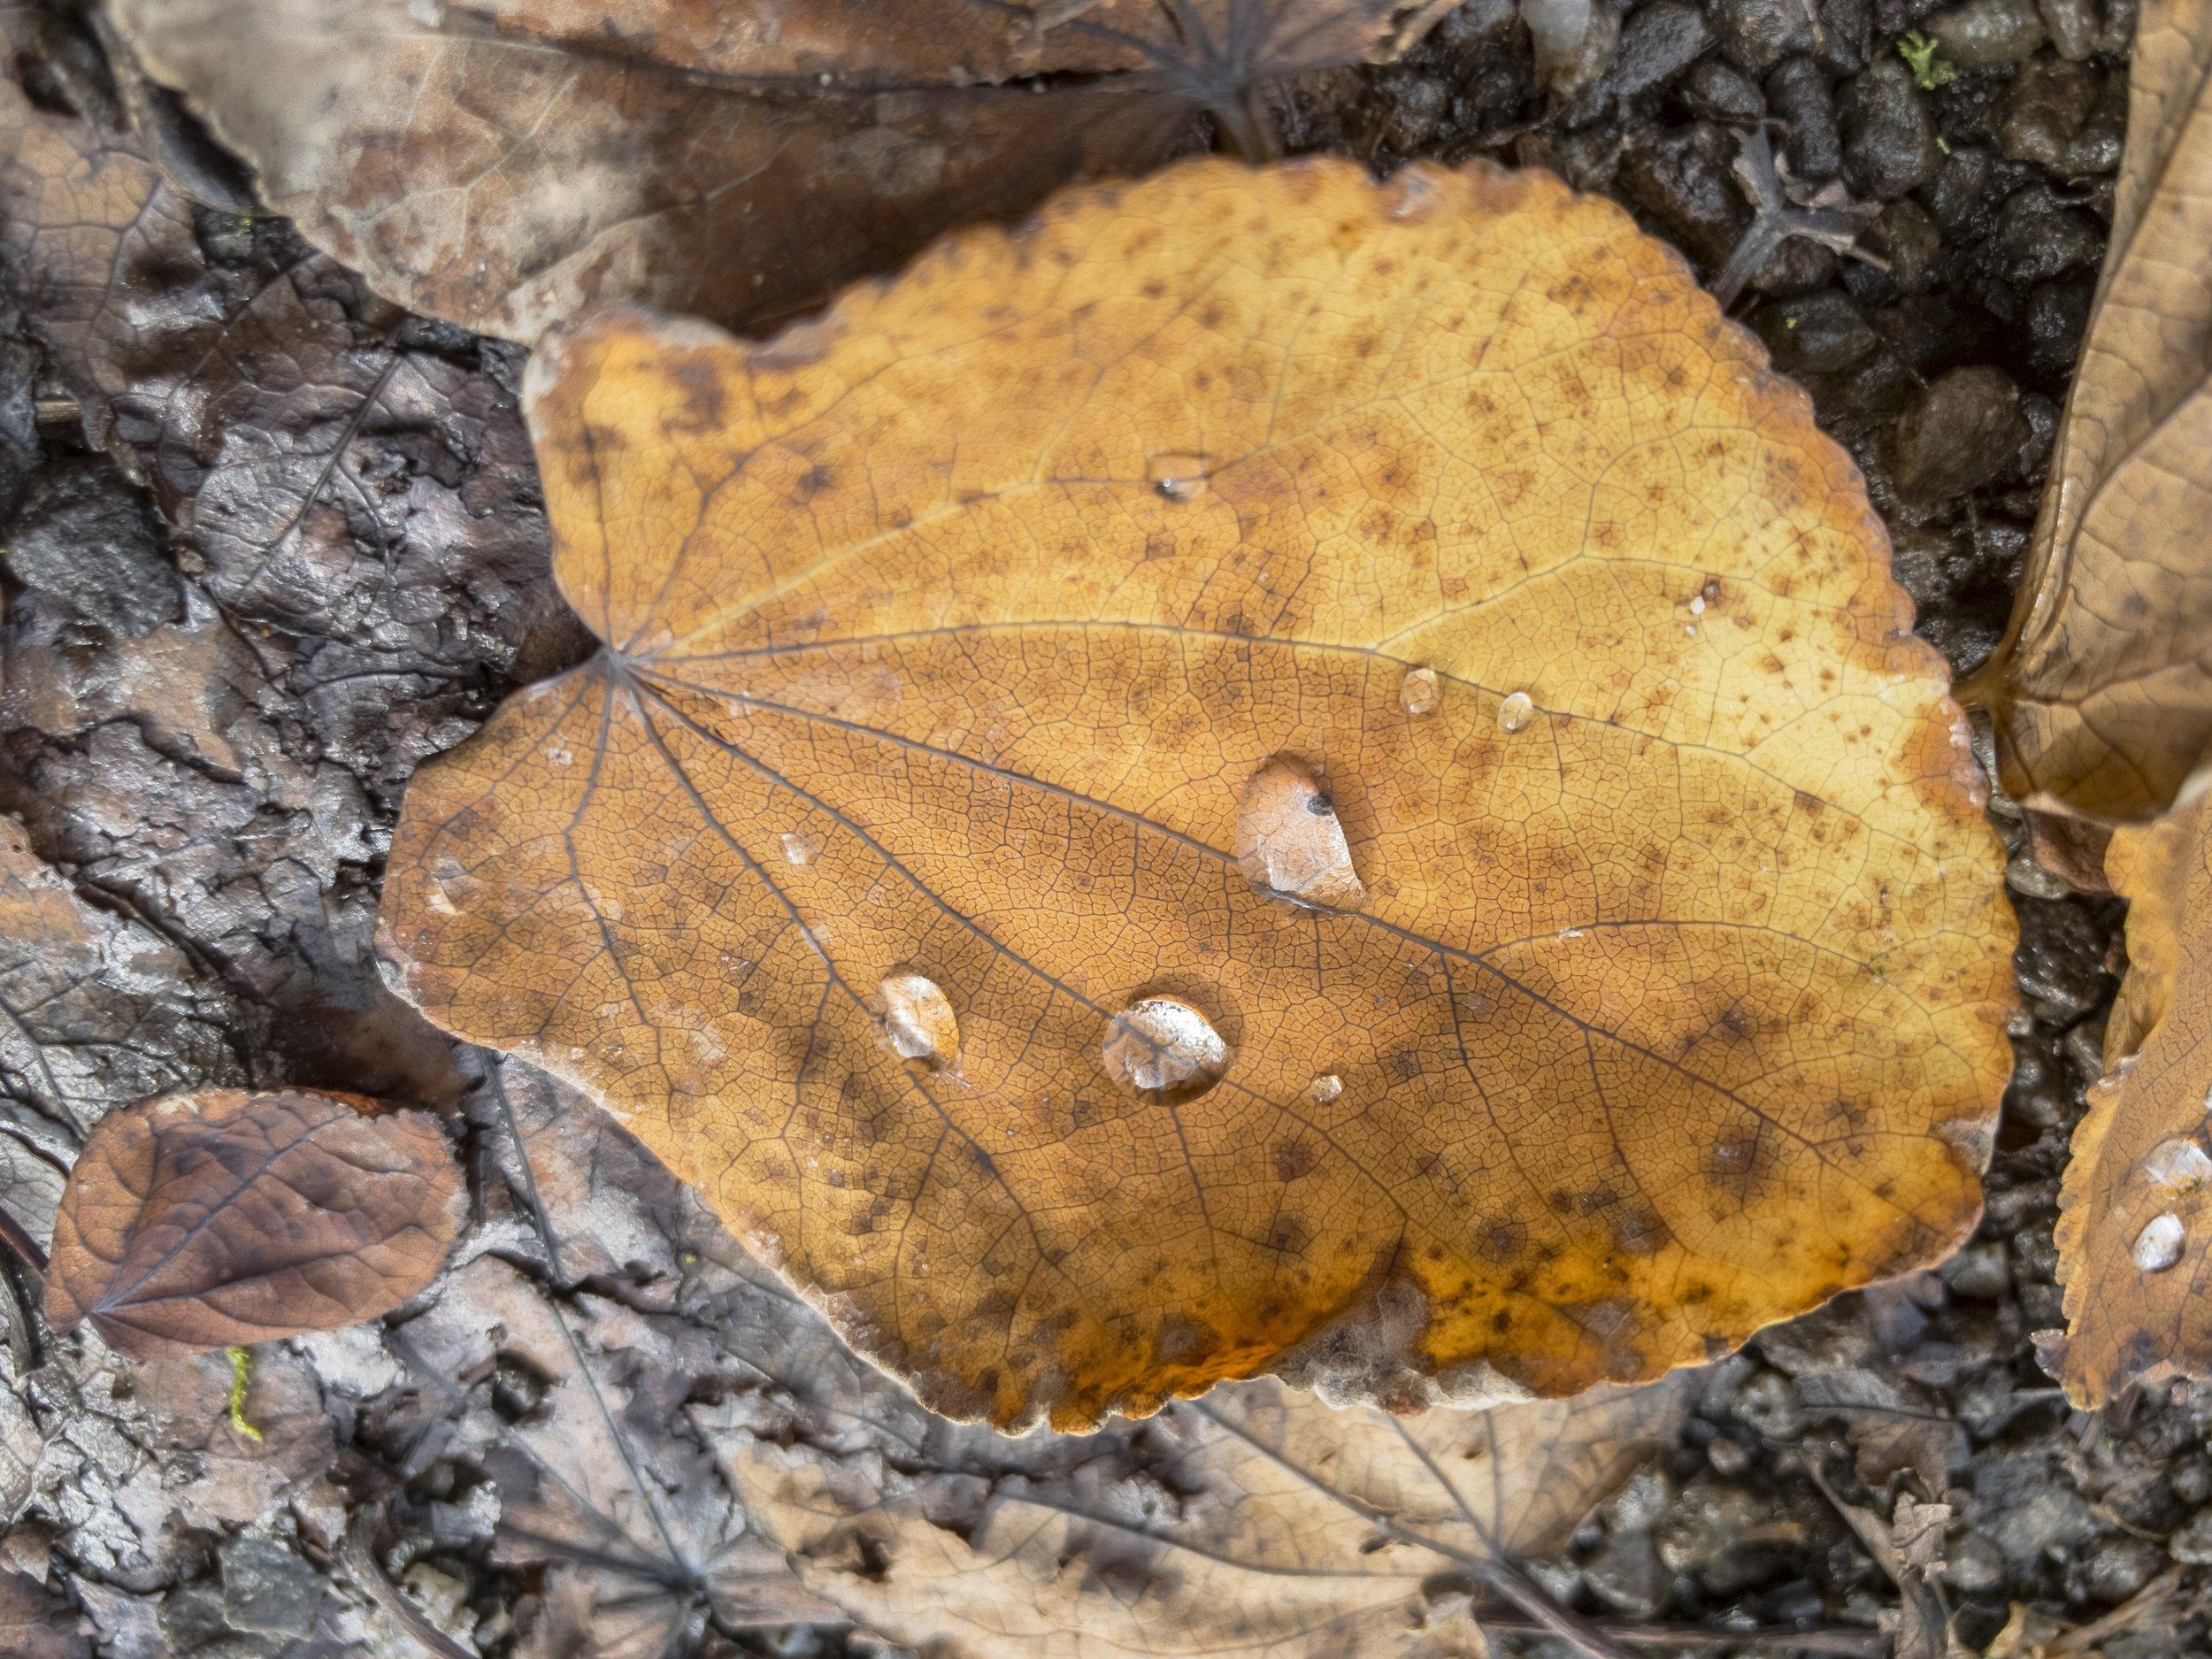 APC_0116-hdr - Herbst ShotoniPhone Autumn Blätter Leaves Sun Sonne Light Threes Licht Bäume Baum Stadt Osnabrück.jpg